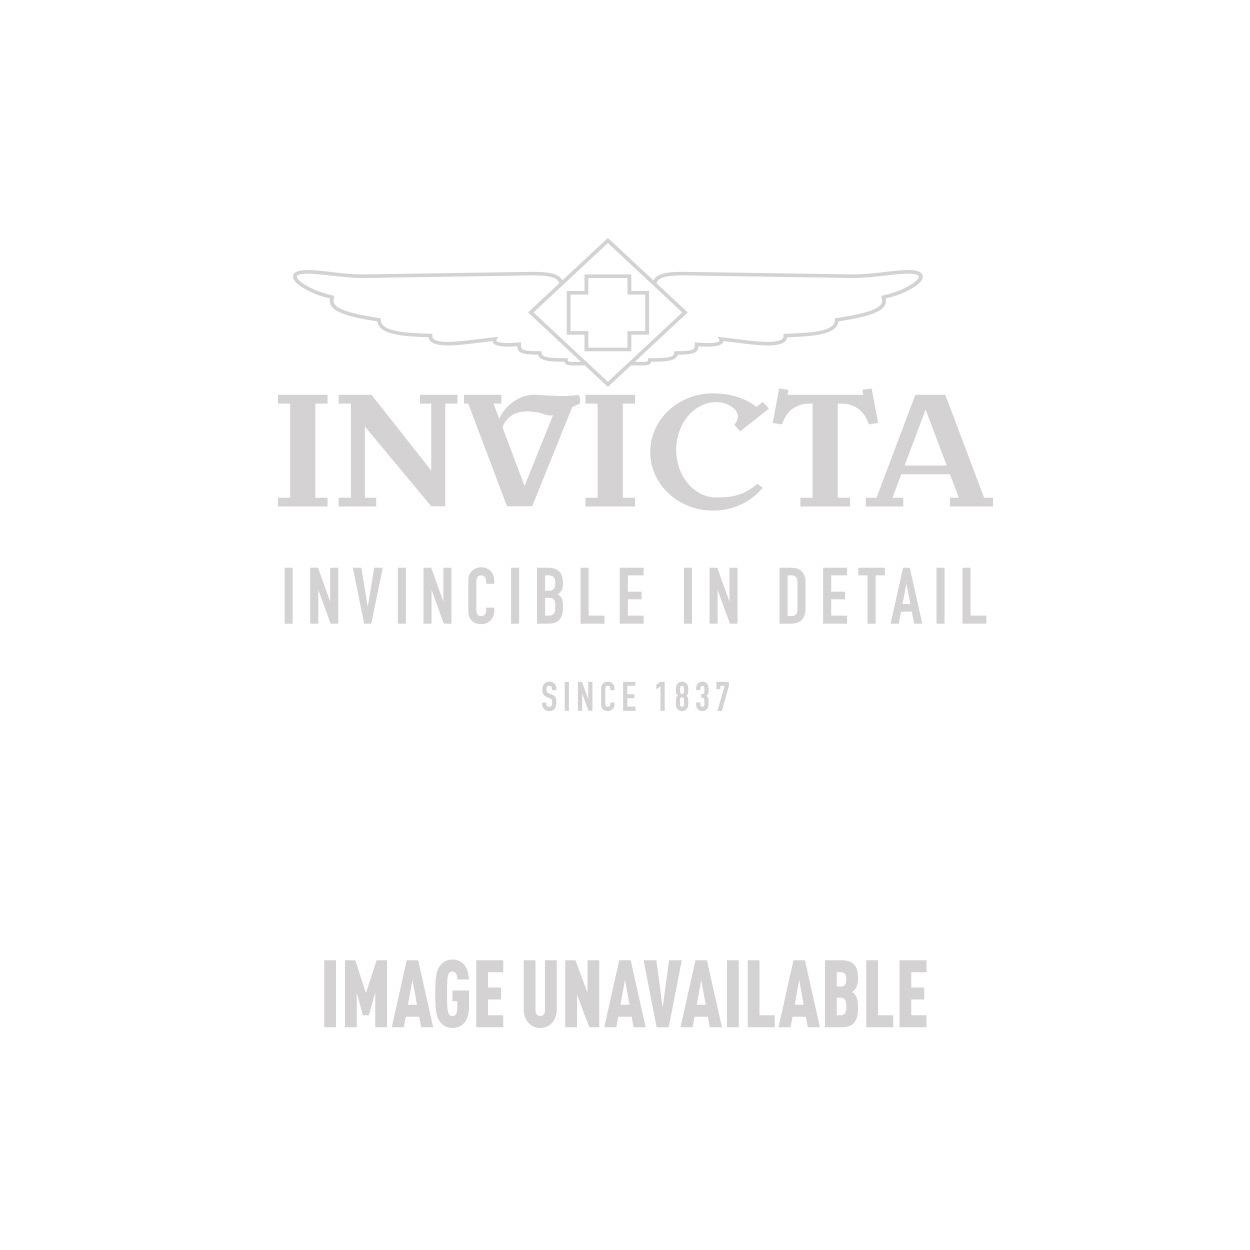 Invicta Corduba Quartz Watch - Black case with Black tone Leather band - Model 18995